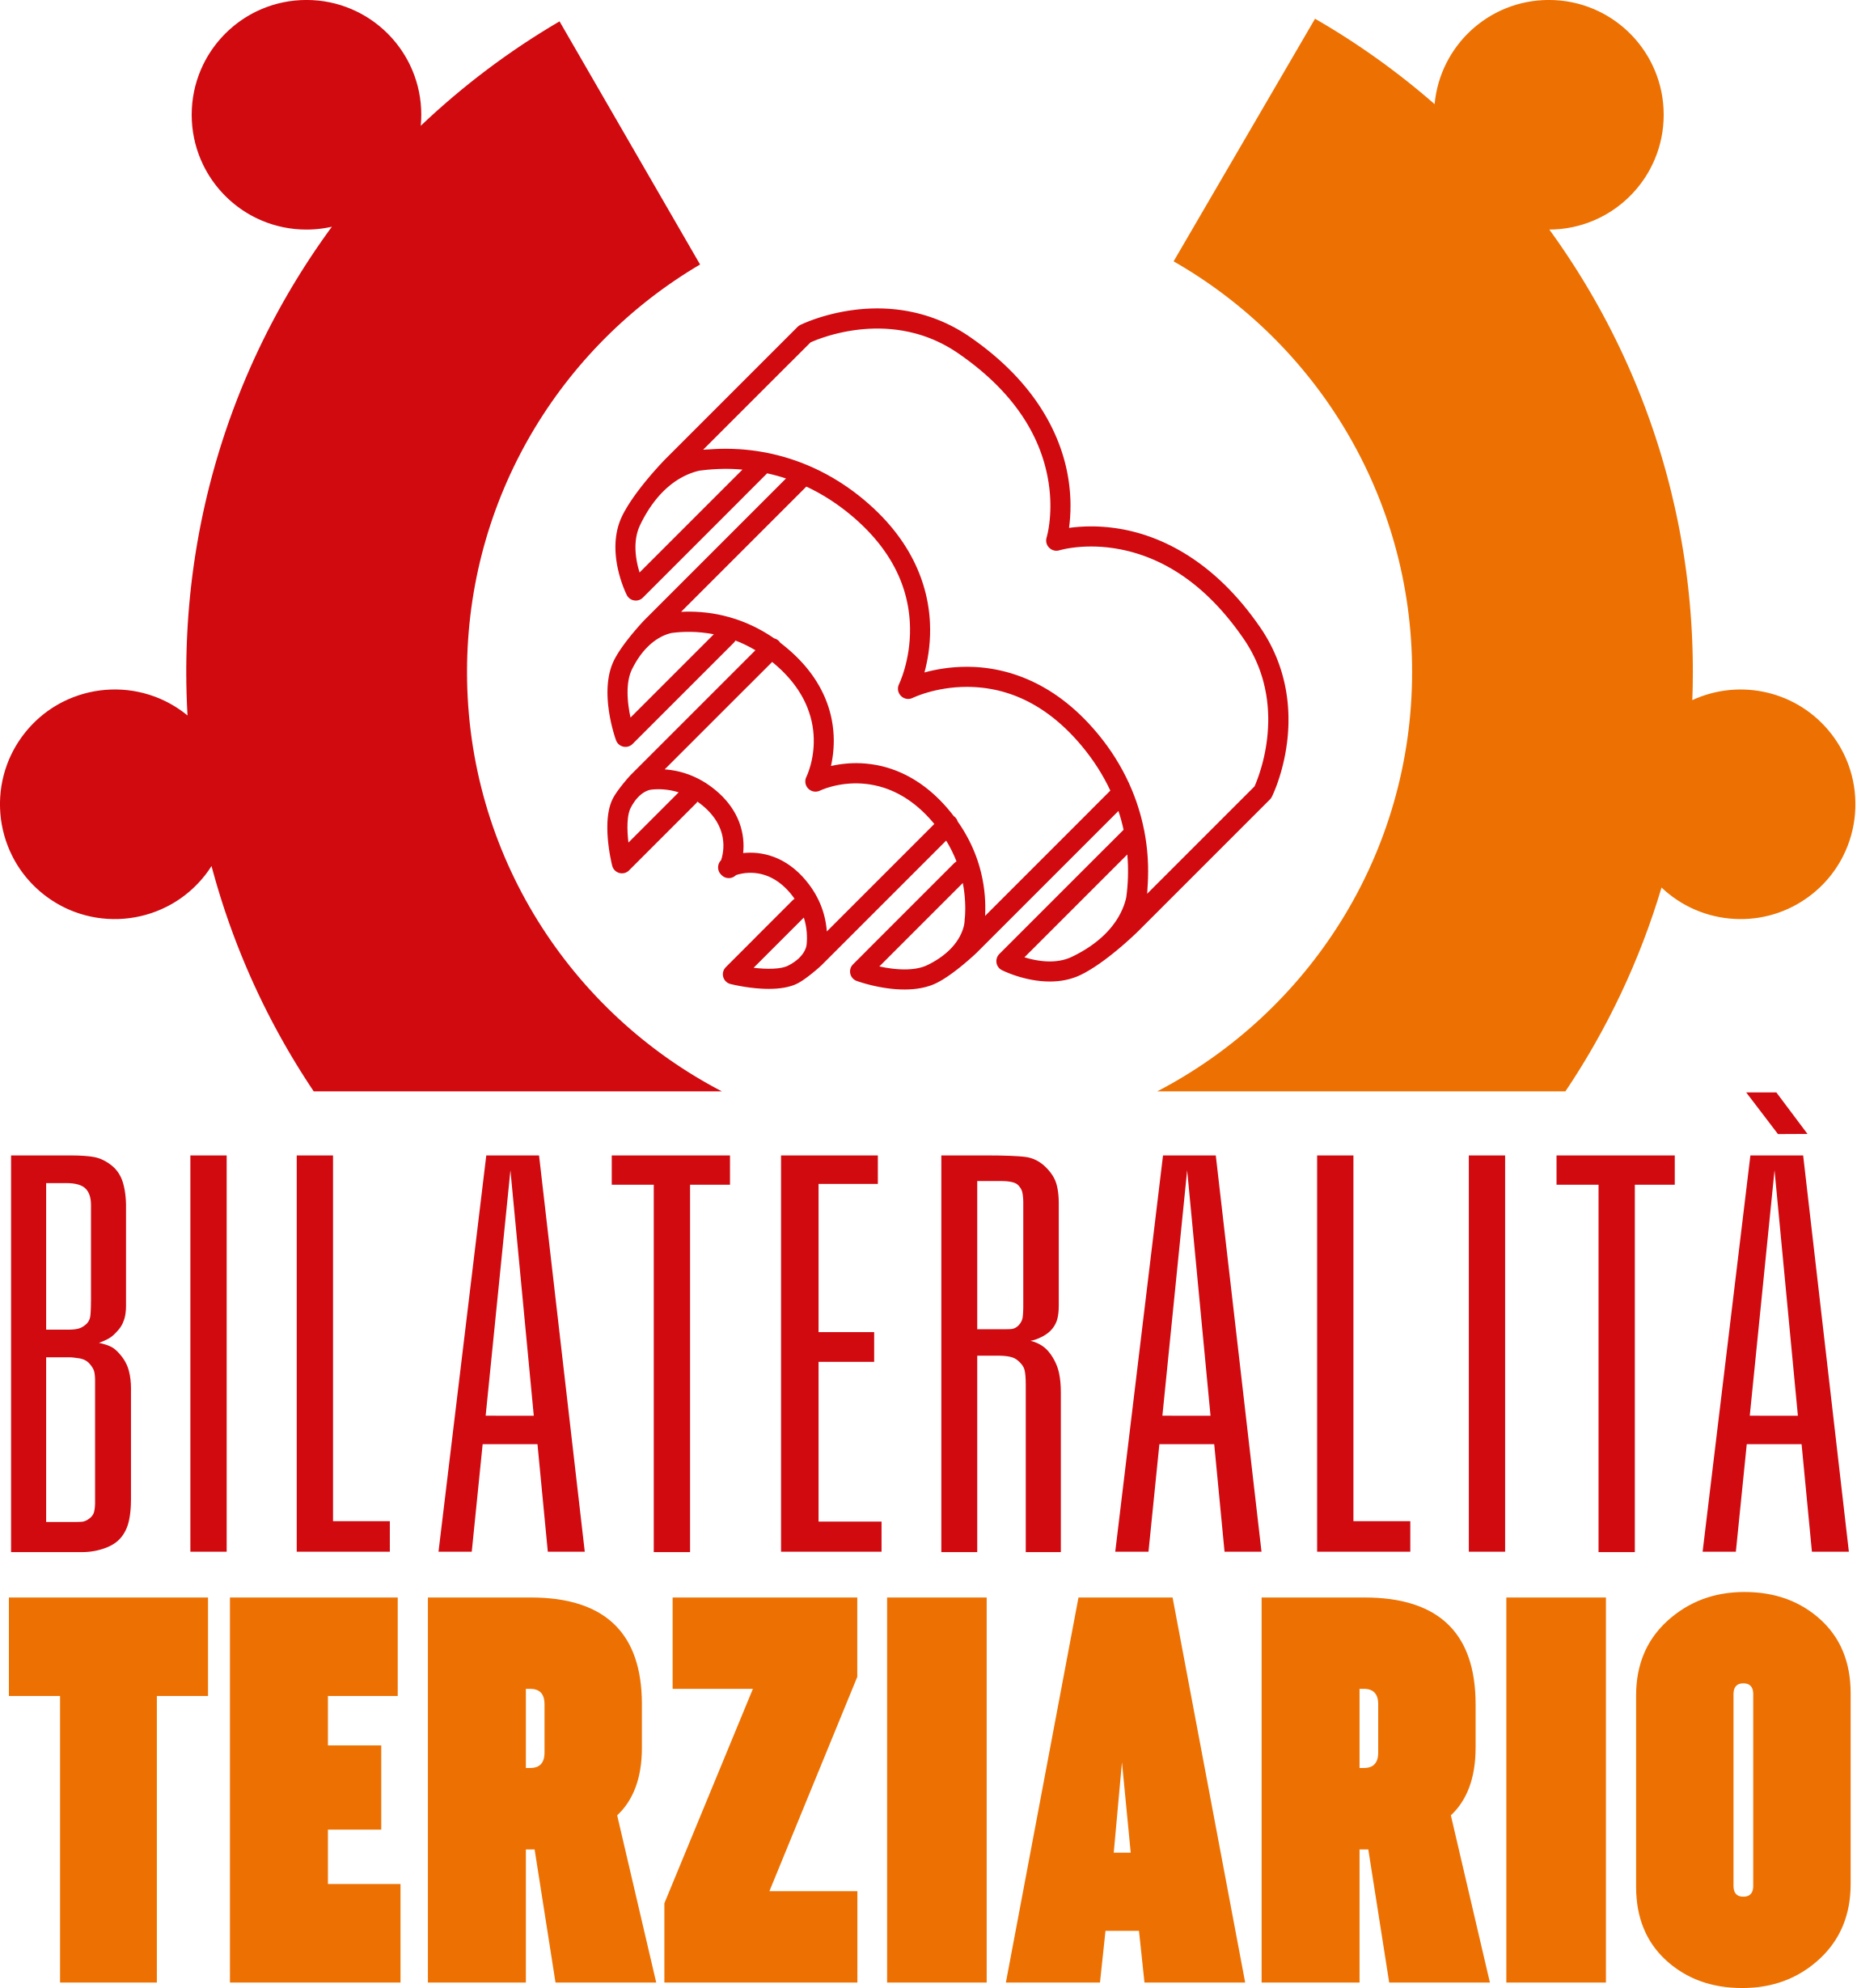 Il portale prestazioni e servizi bilaterali – Bilateralità terziario Logo